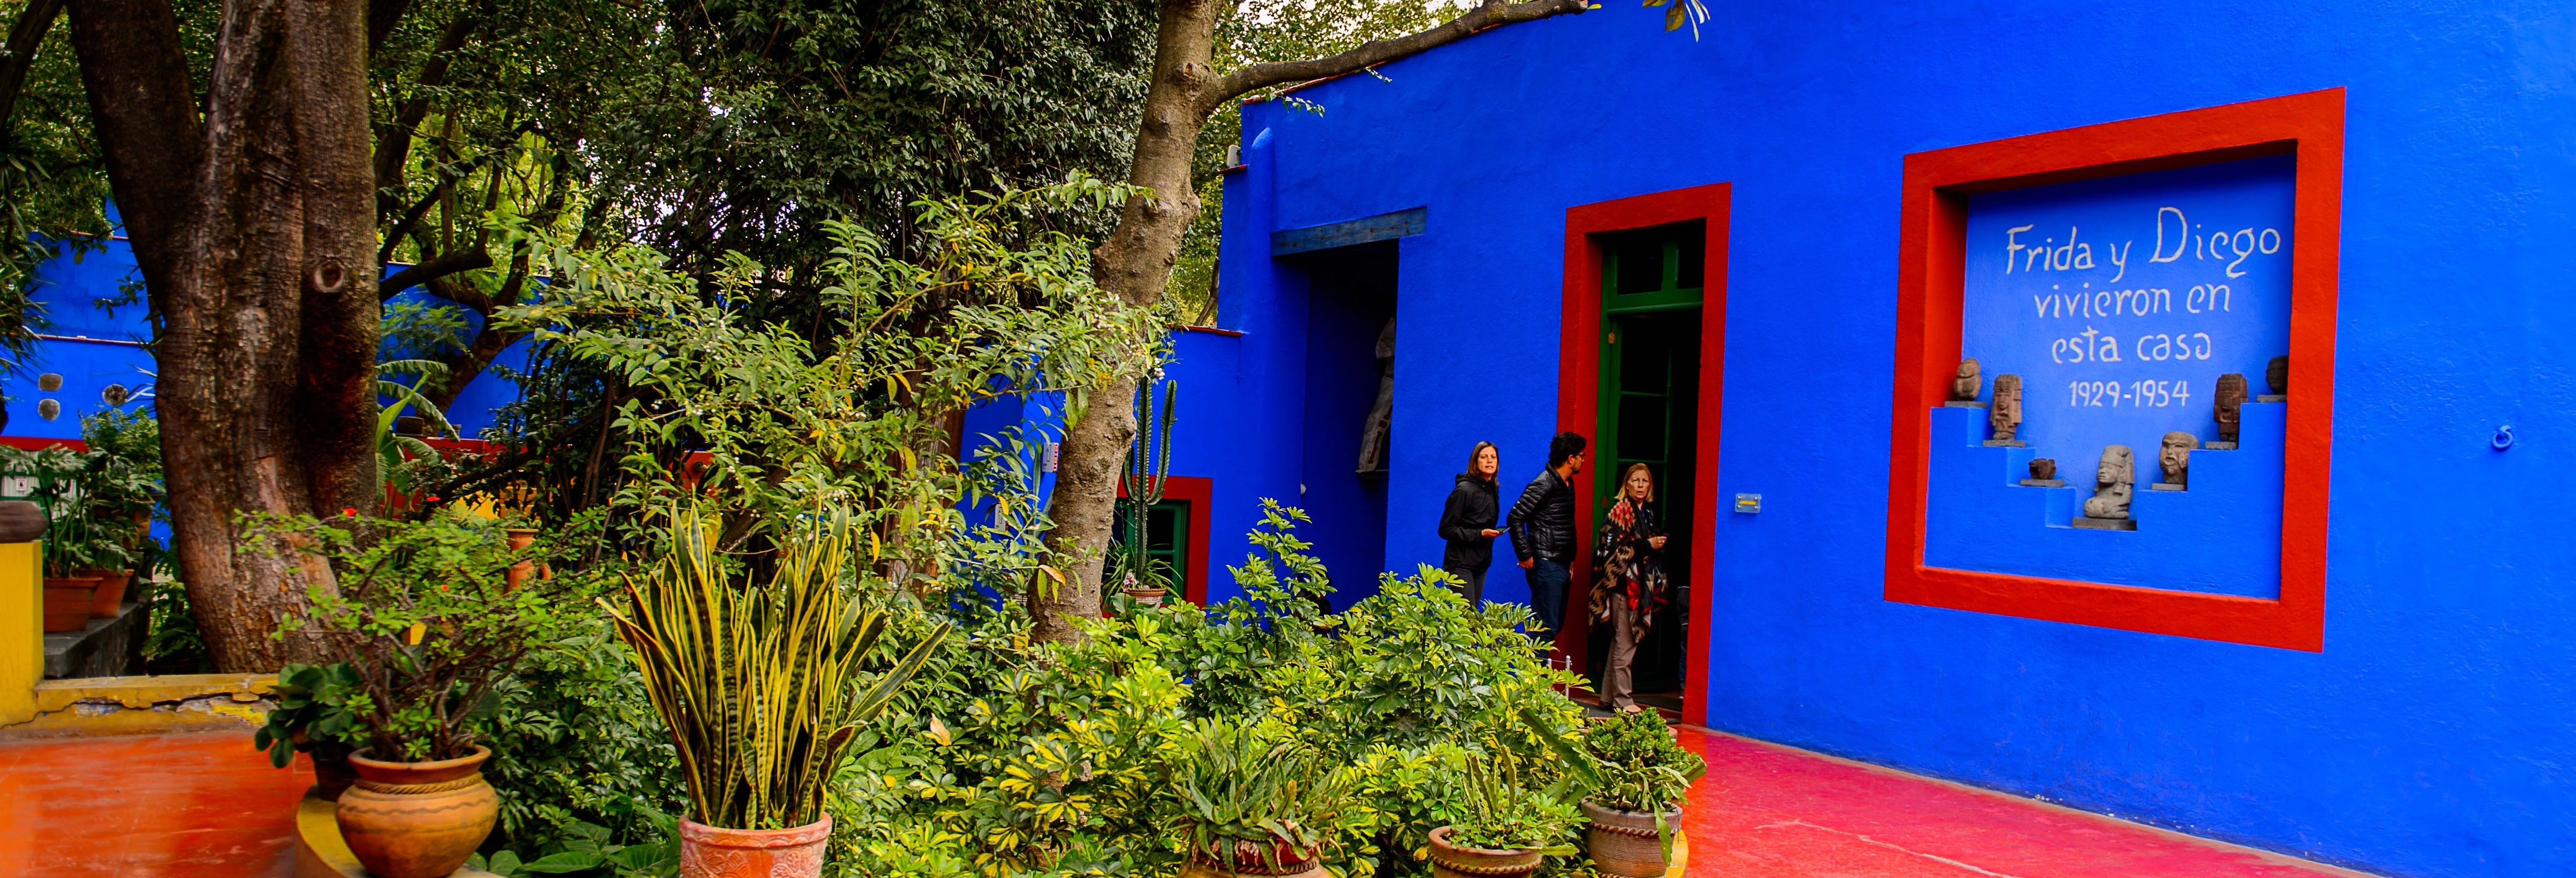 Tour de Frida Kahlo por el barrio de Coyoacán